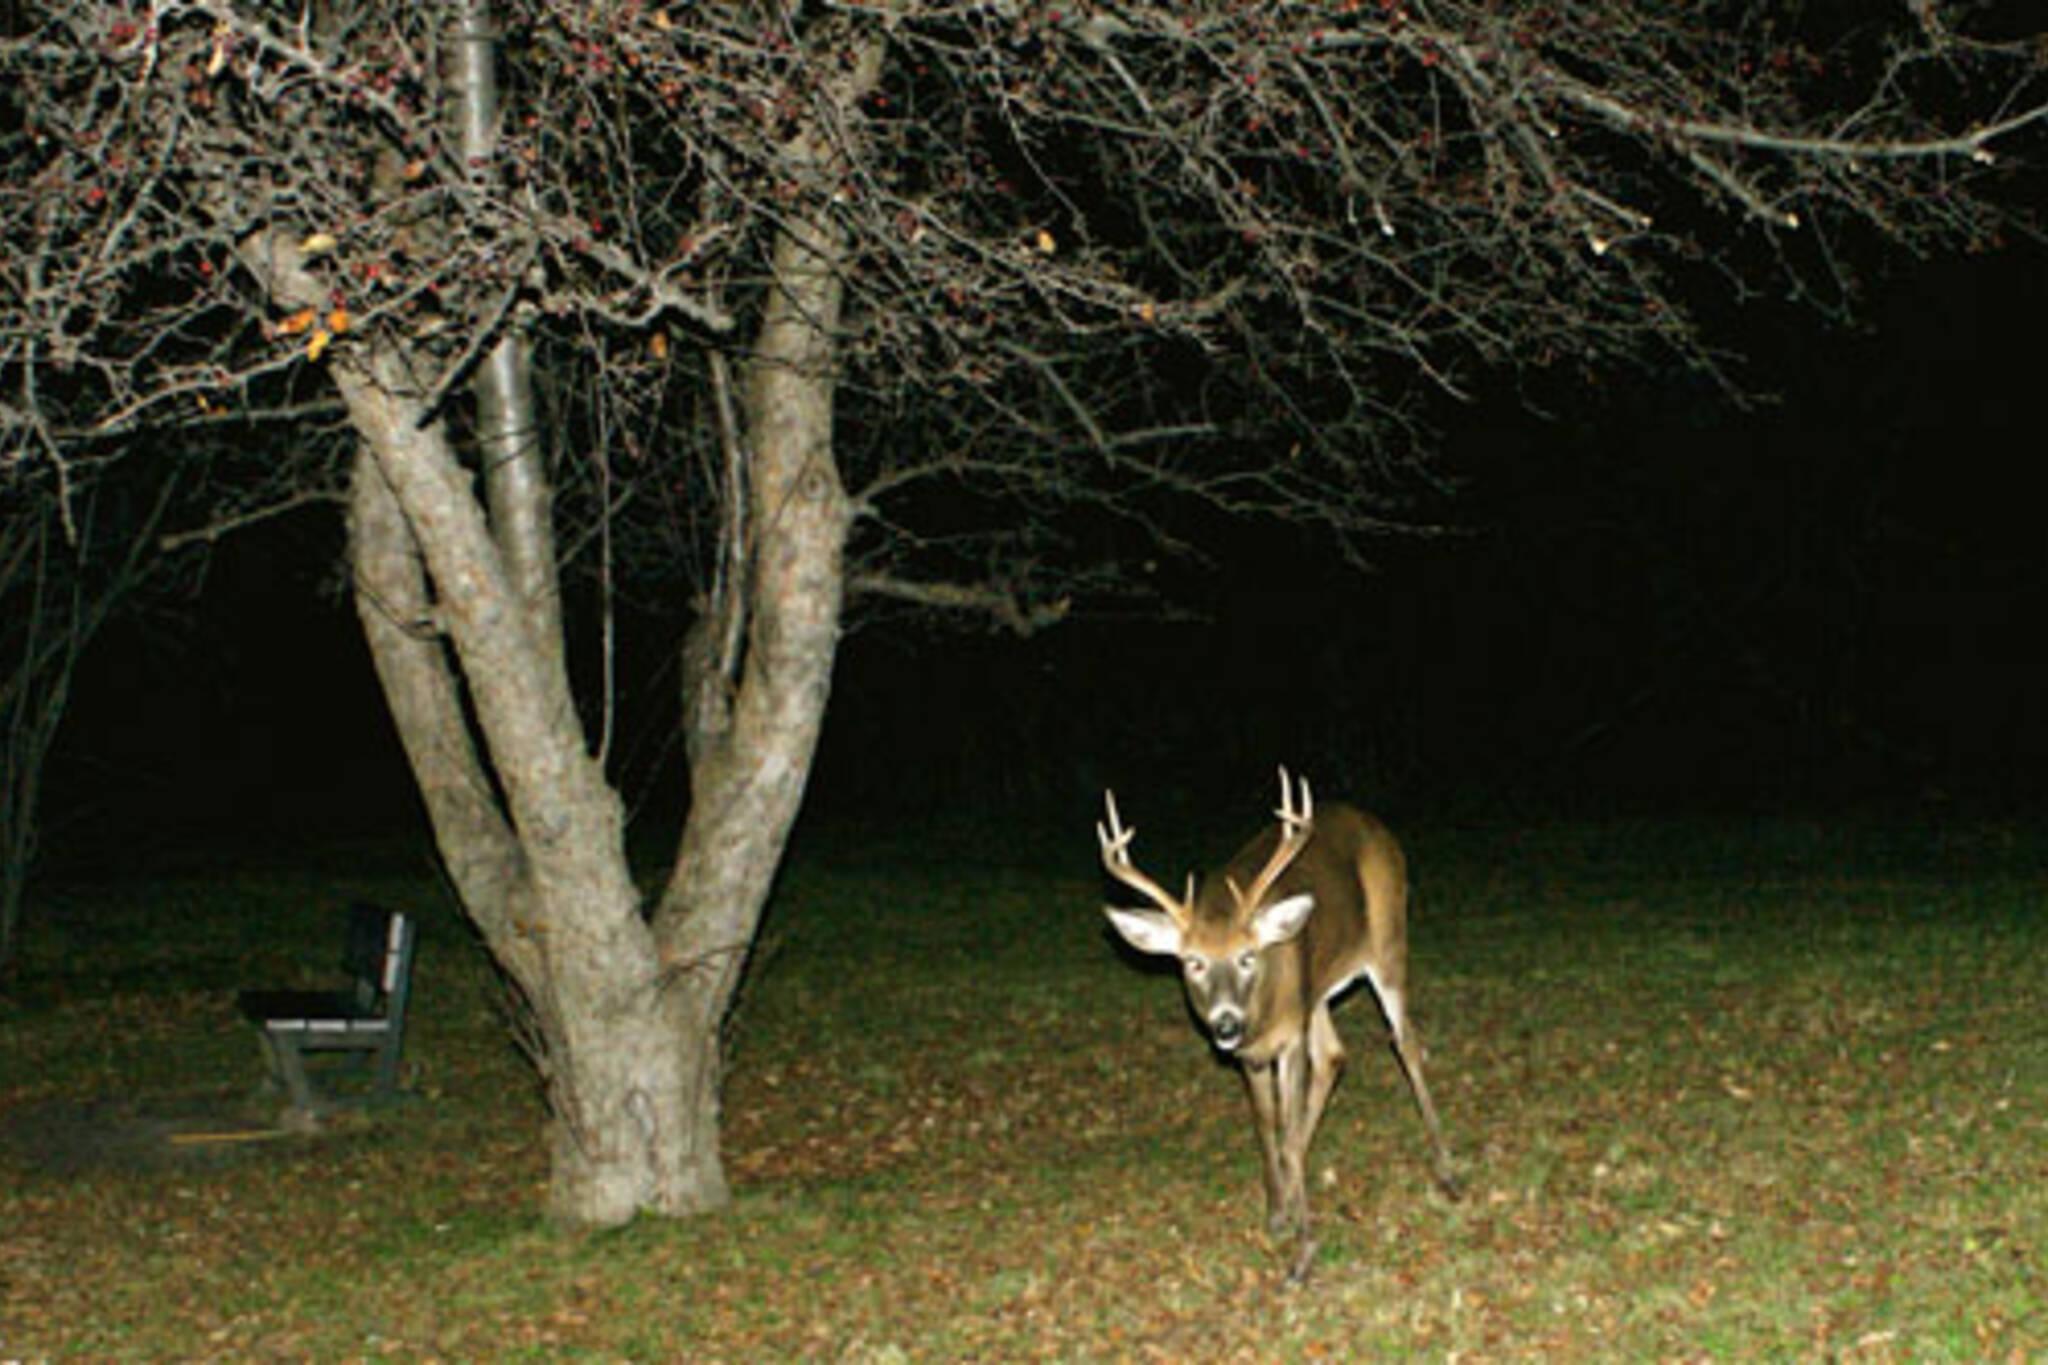 Deer In Toronto ravine